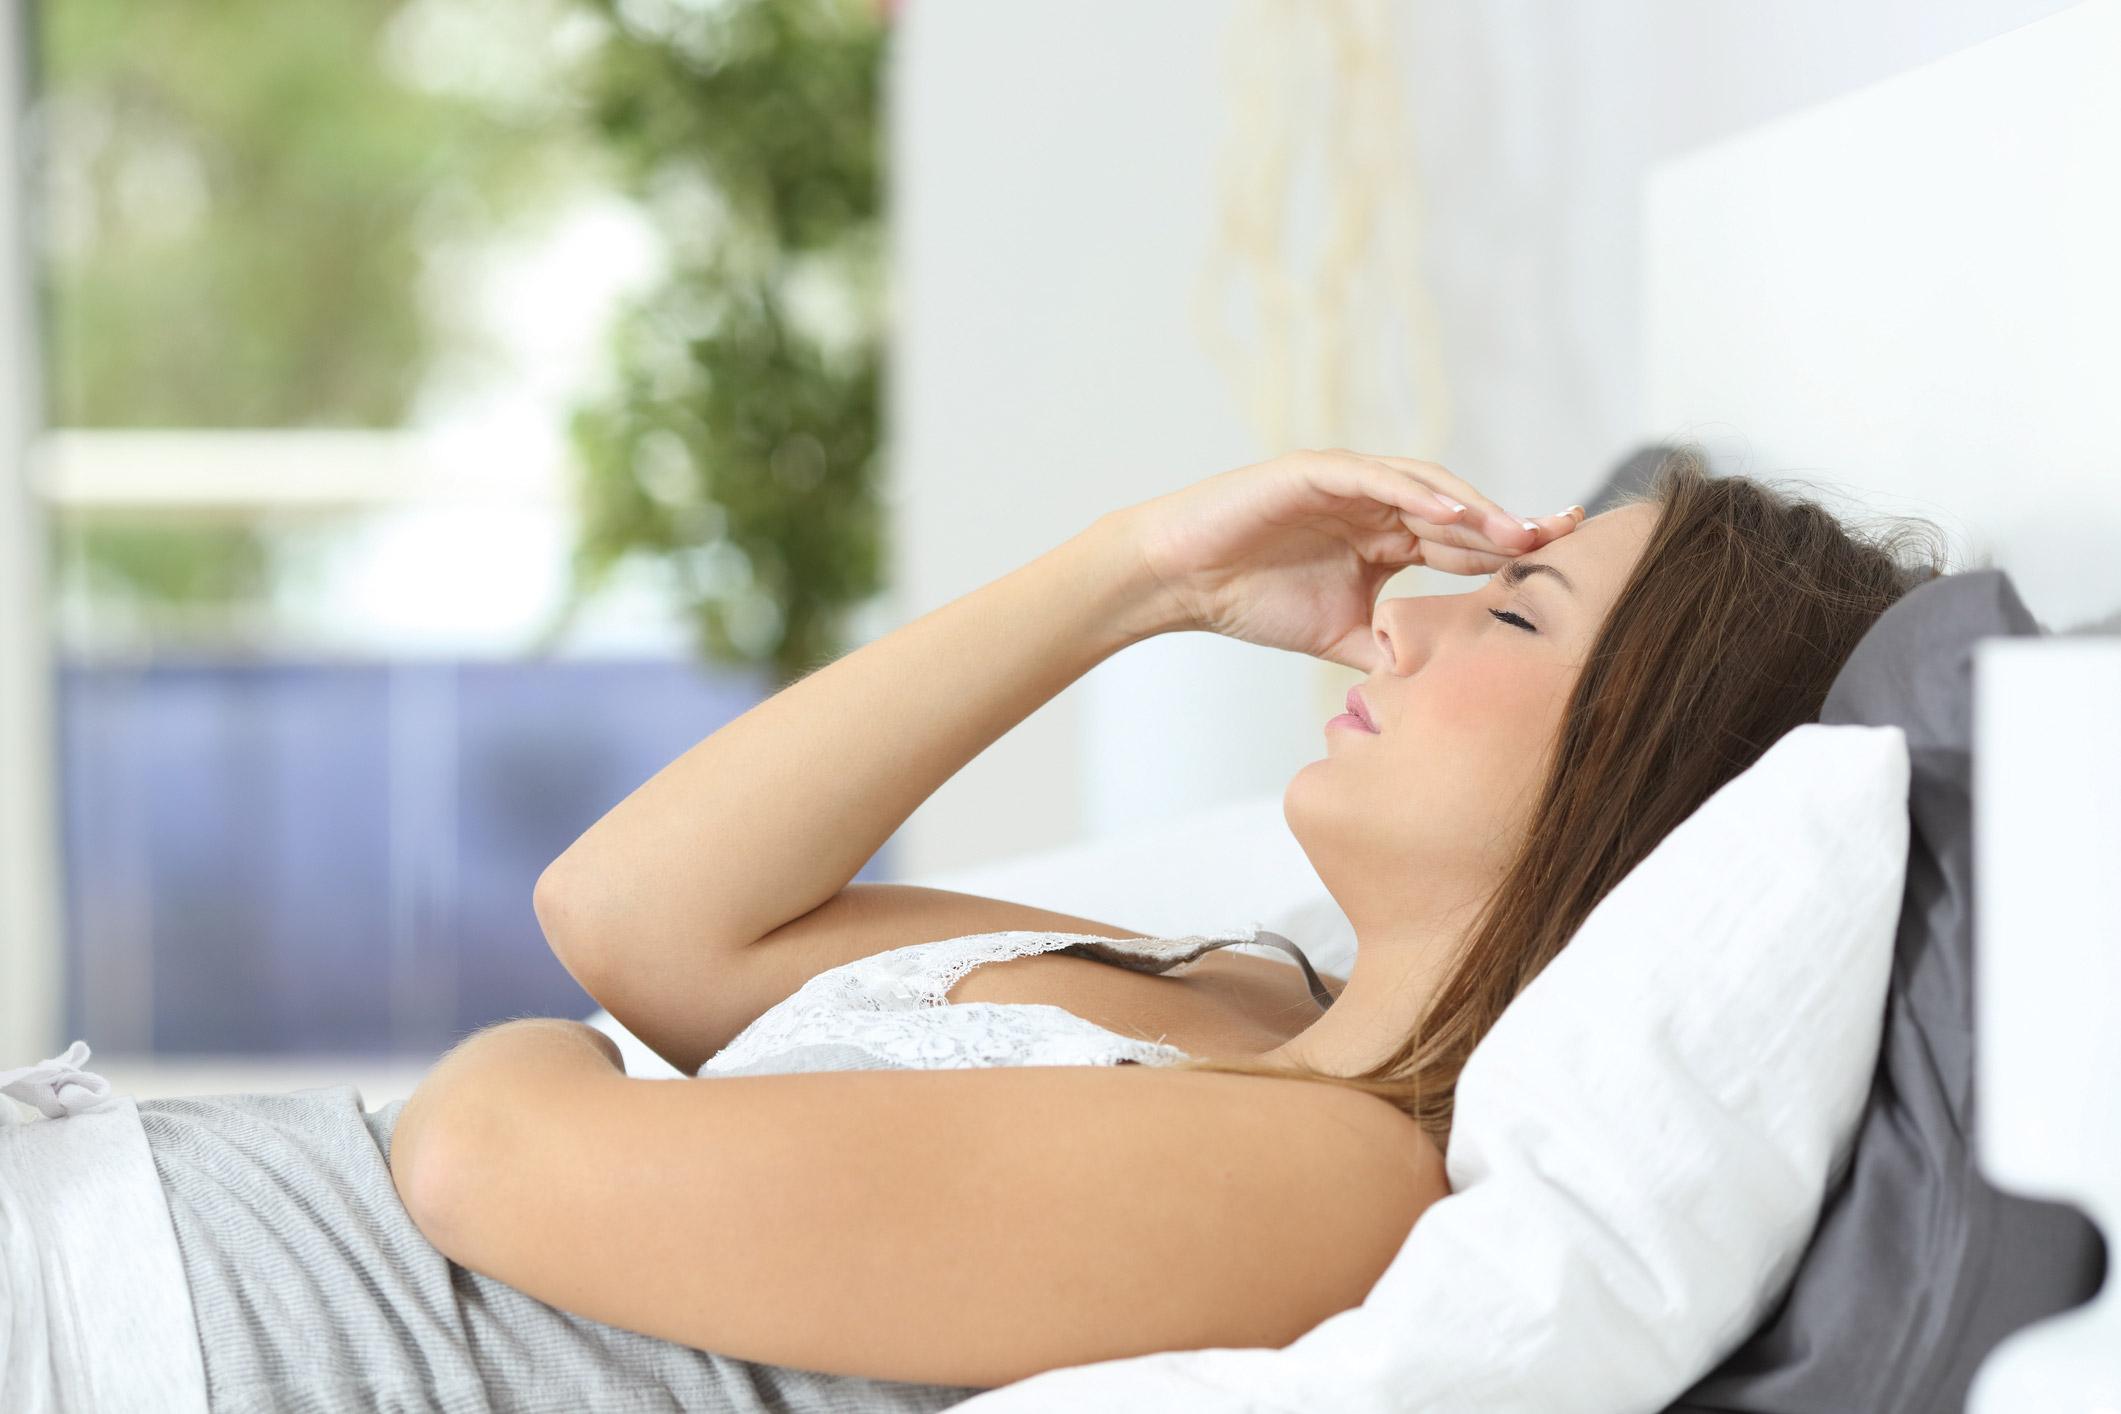 Los síntomas comunes de cáncer que ellas no deben ignorar